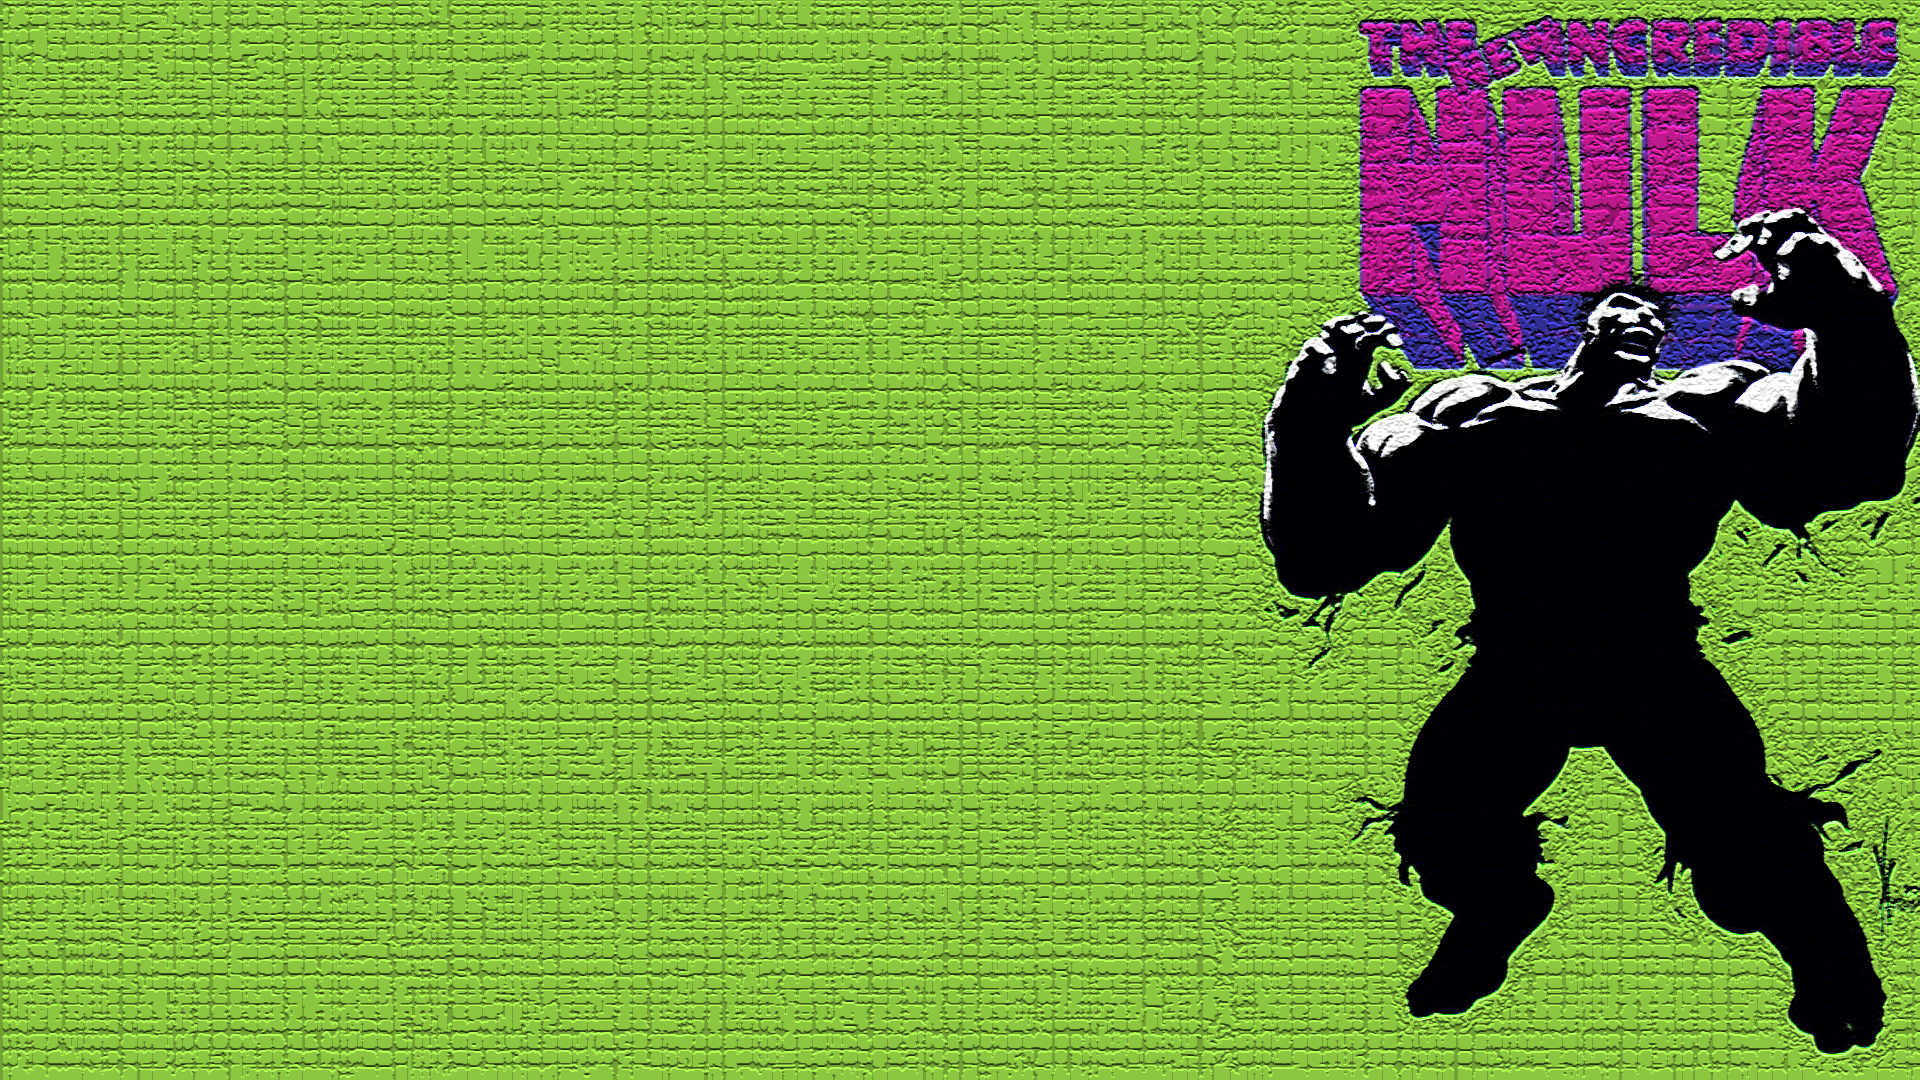 40 incredible hulk wallpaper for desktop